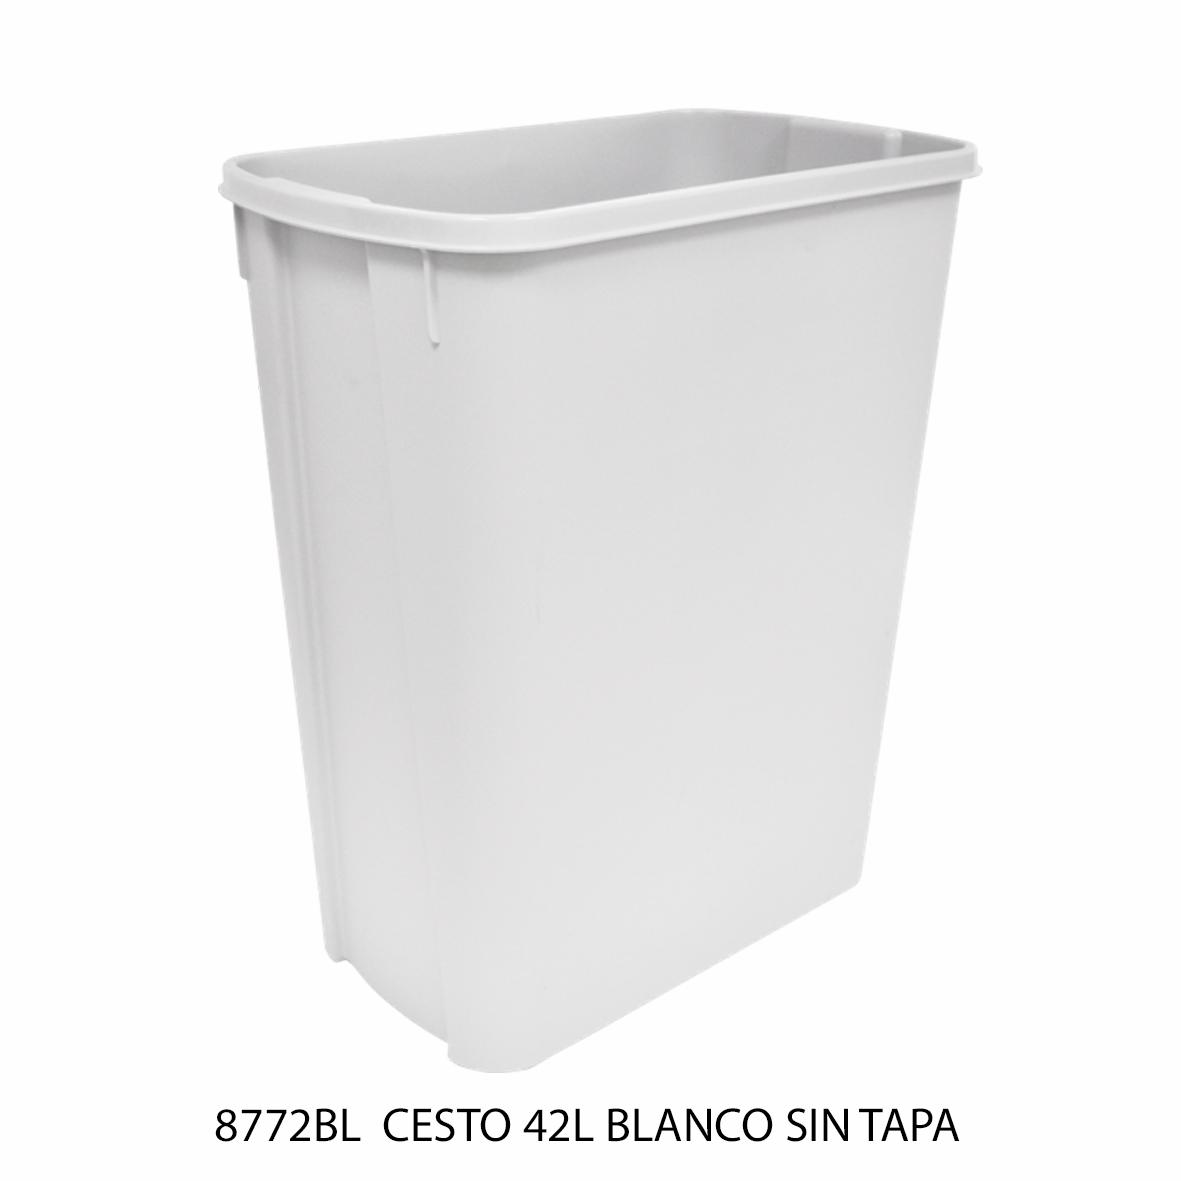 Bote de basura mediano de 42 litros sin tapa color blanco modelo 8772BL de Sablón